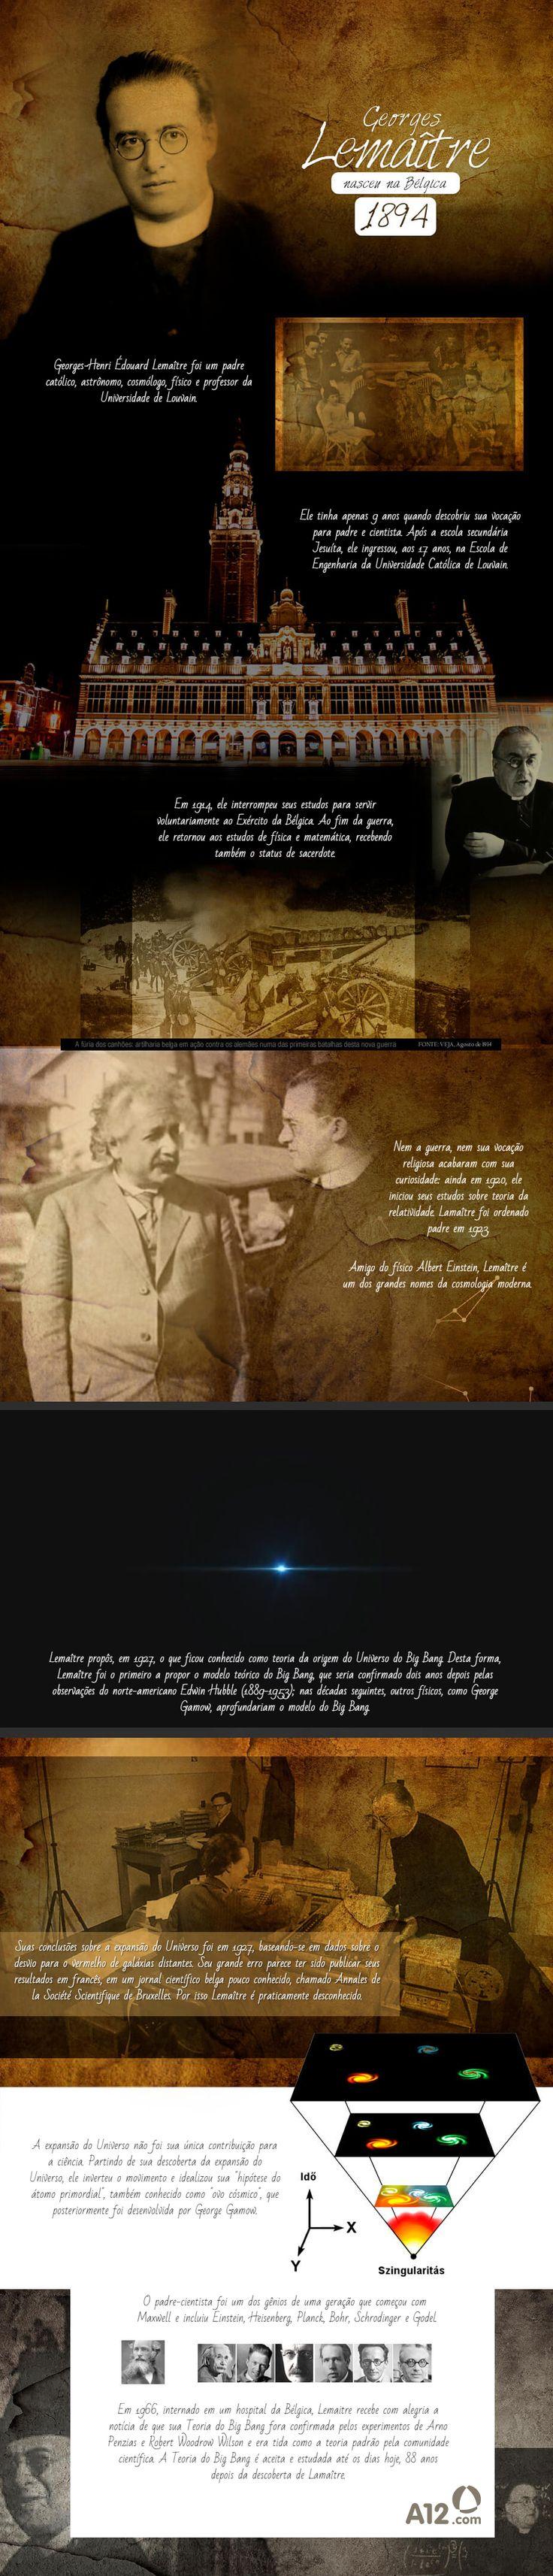 Padre Cientistas: George Lemaître, o primeiro a propor o modelo teórico do Big Bang.  O padre-cientista foi um dos gênios de uma geração que começou com Maxwell e incluiu Einstein, Heisenberg, Planck, Bohr, Schrodinger e Godel.